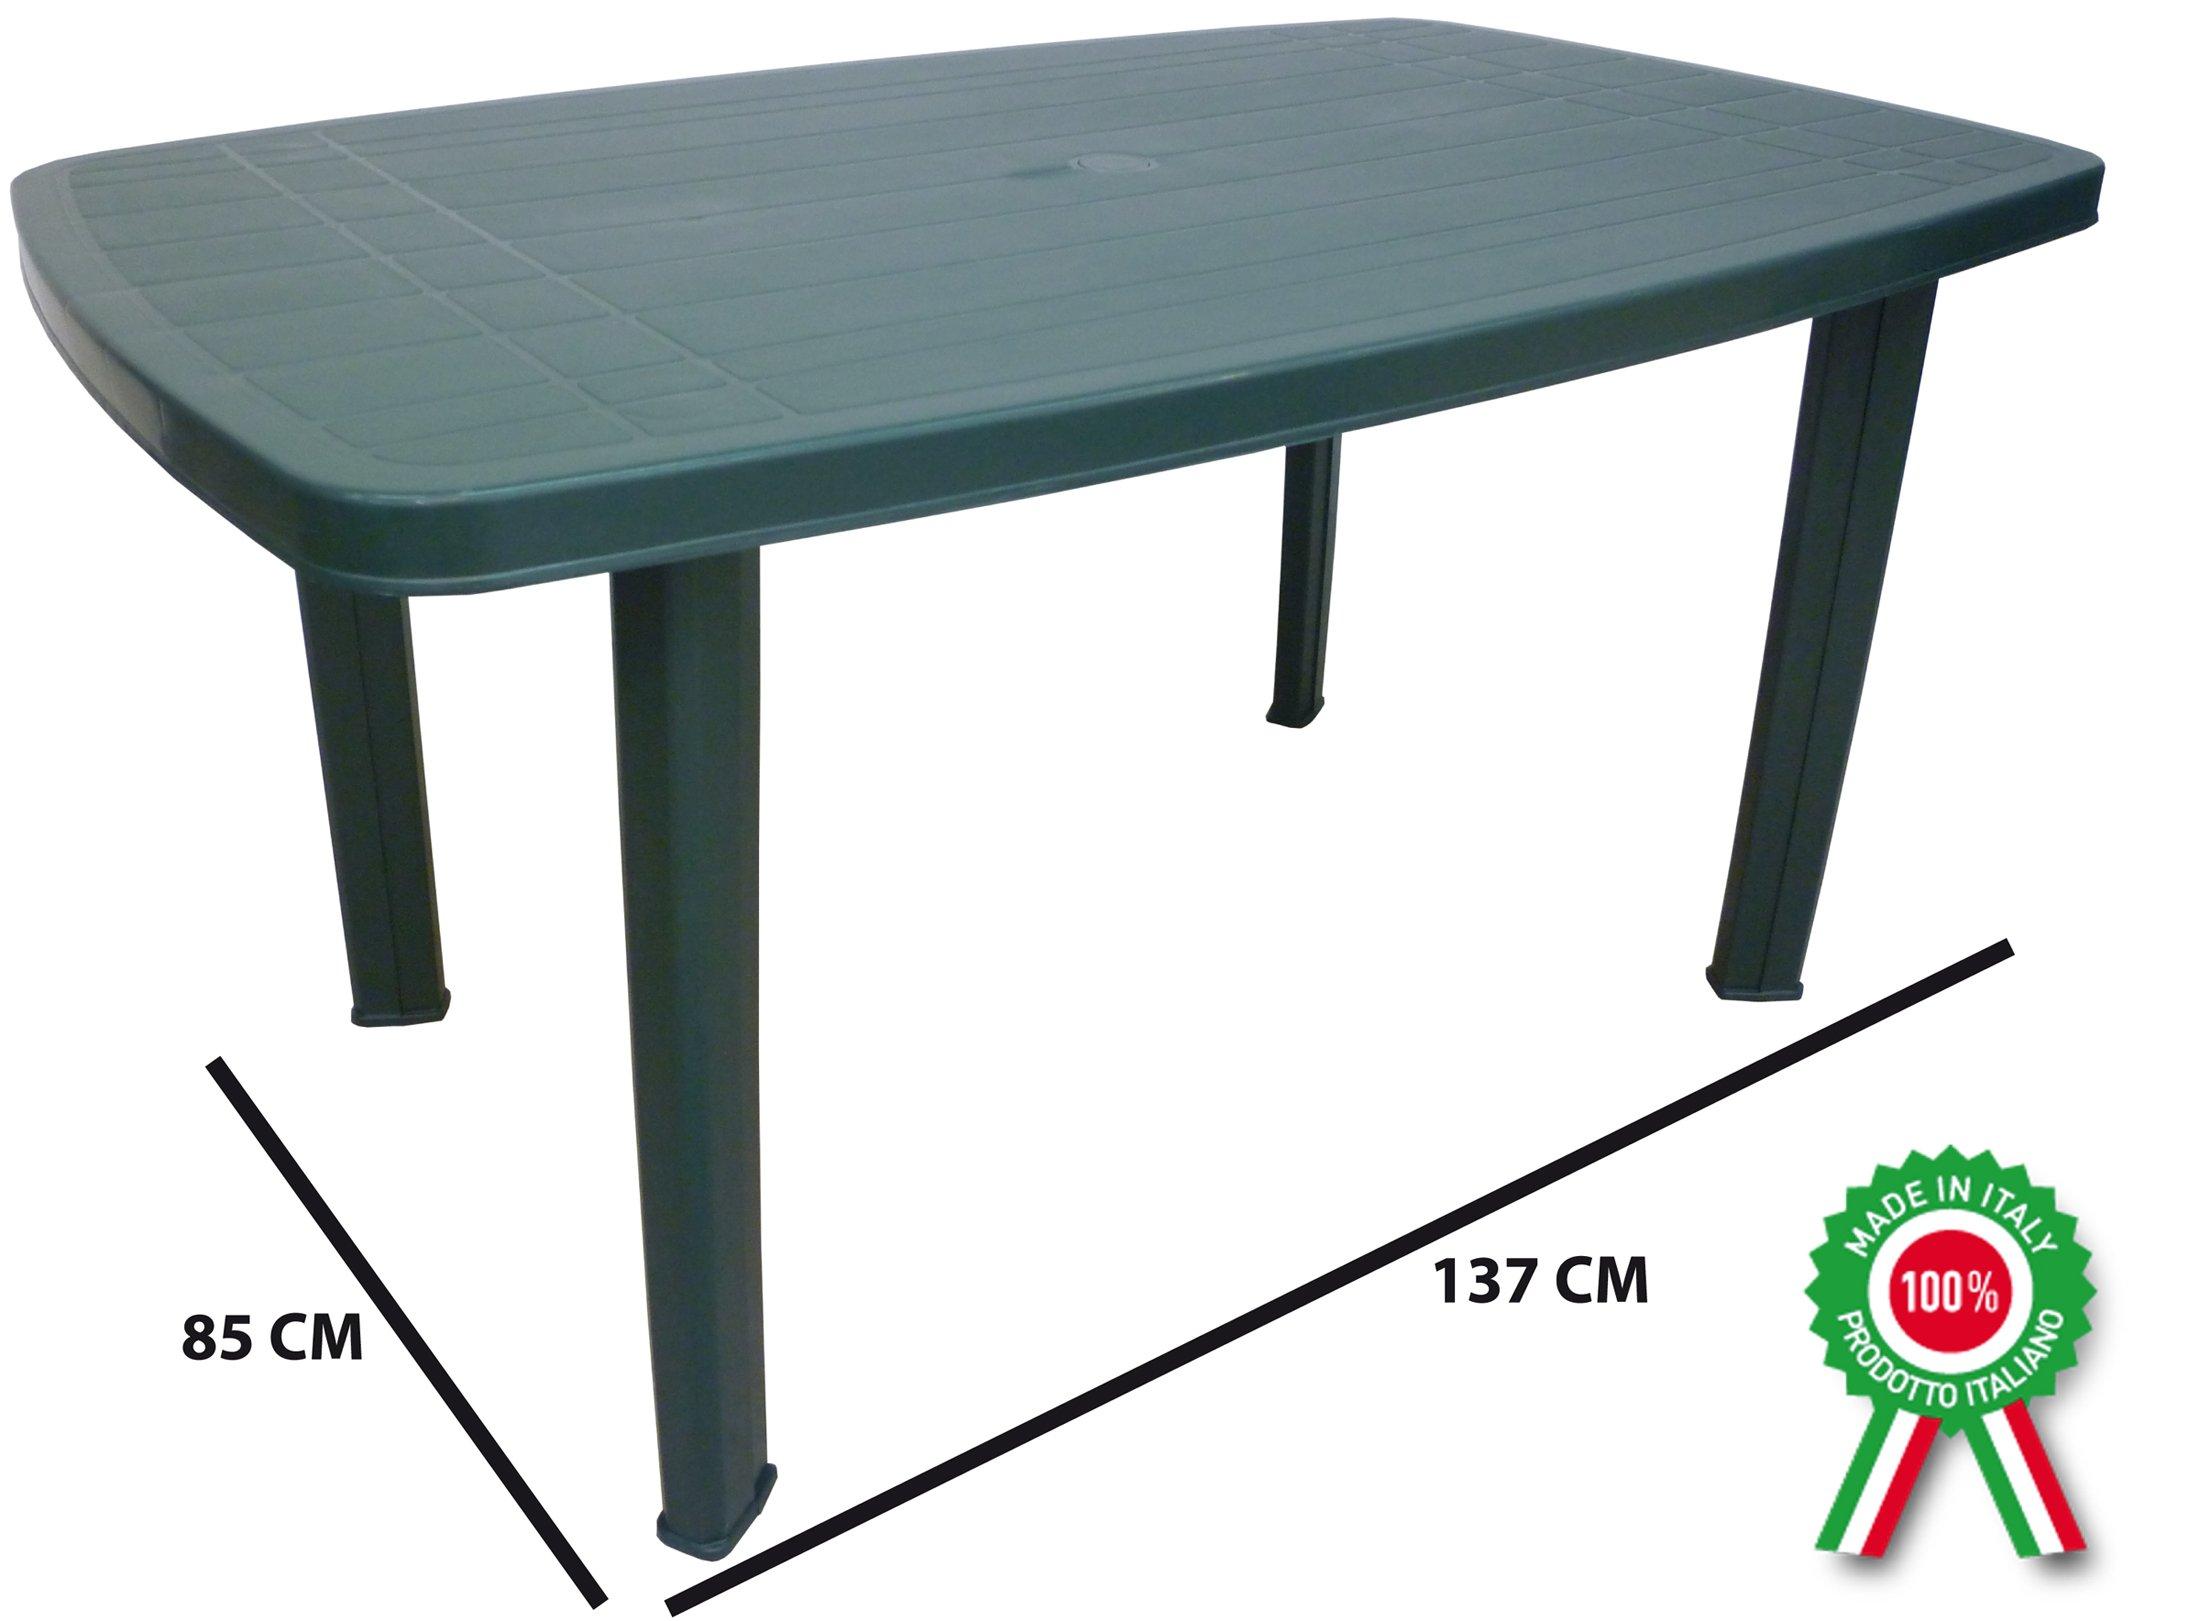 Mesa rectangular Mesa auxiliar de resina de Foco exterior de plástico verde: Amazon.es: Jardín